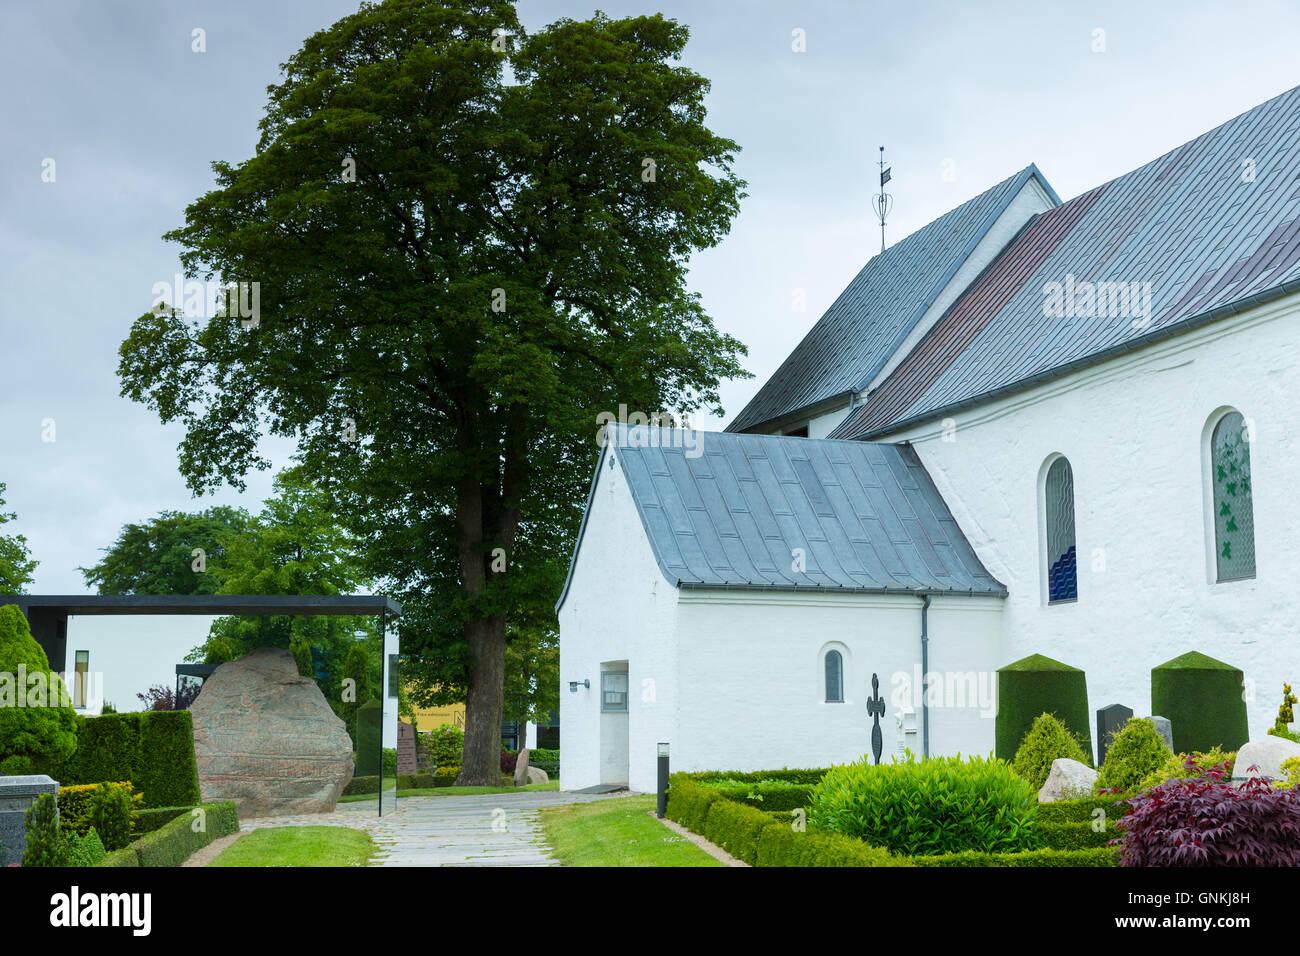 Jelling Kirke chiesa (Gudstjeneste) e Jelling pietre pietre runiche, luogo di nascita del cristianesimo in Danimarca Immagini Stock